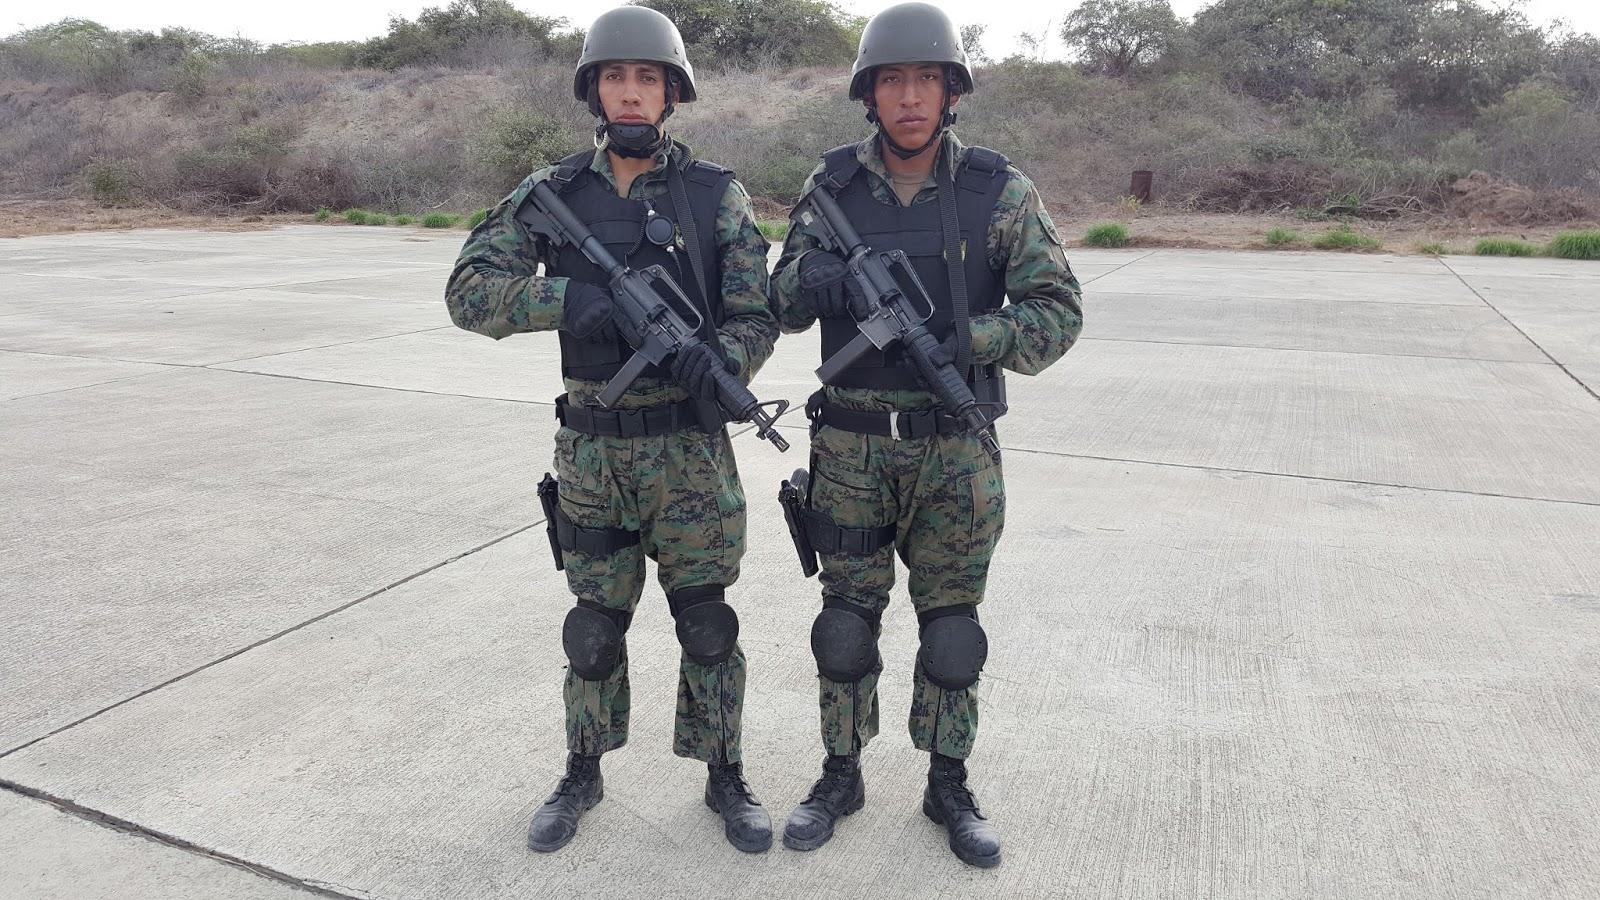 SOY CONTRA TERRORISTA DEL ECUADOR ENTRENADO PARA ACTUAR EN SITUACIONES  EXTREMA c78f1da0c0a